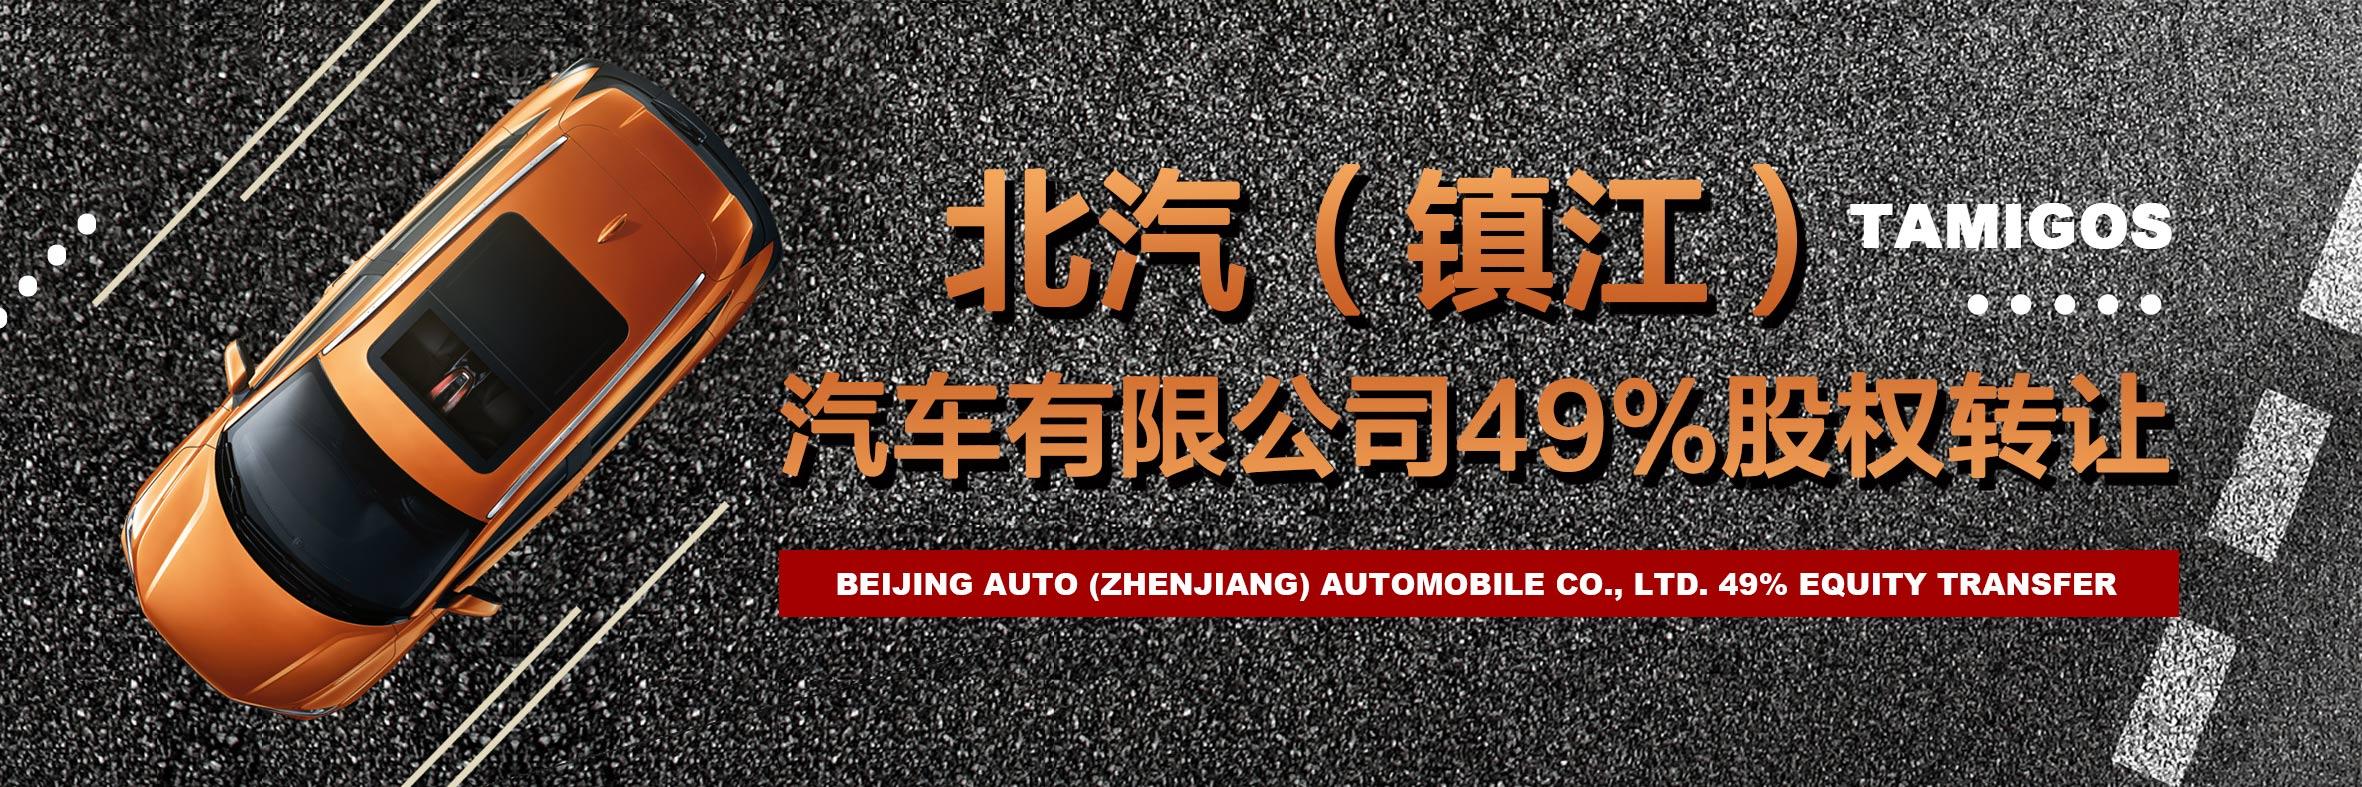 北汽(镇江)汽车有限公司49%股权转让